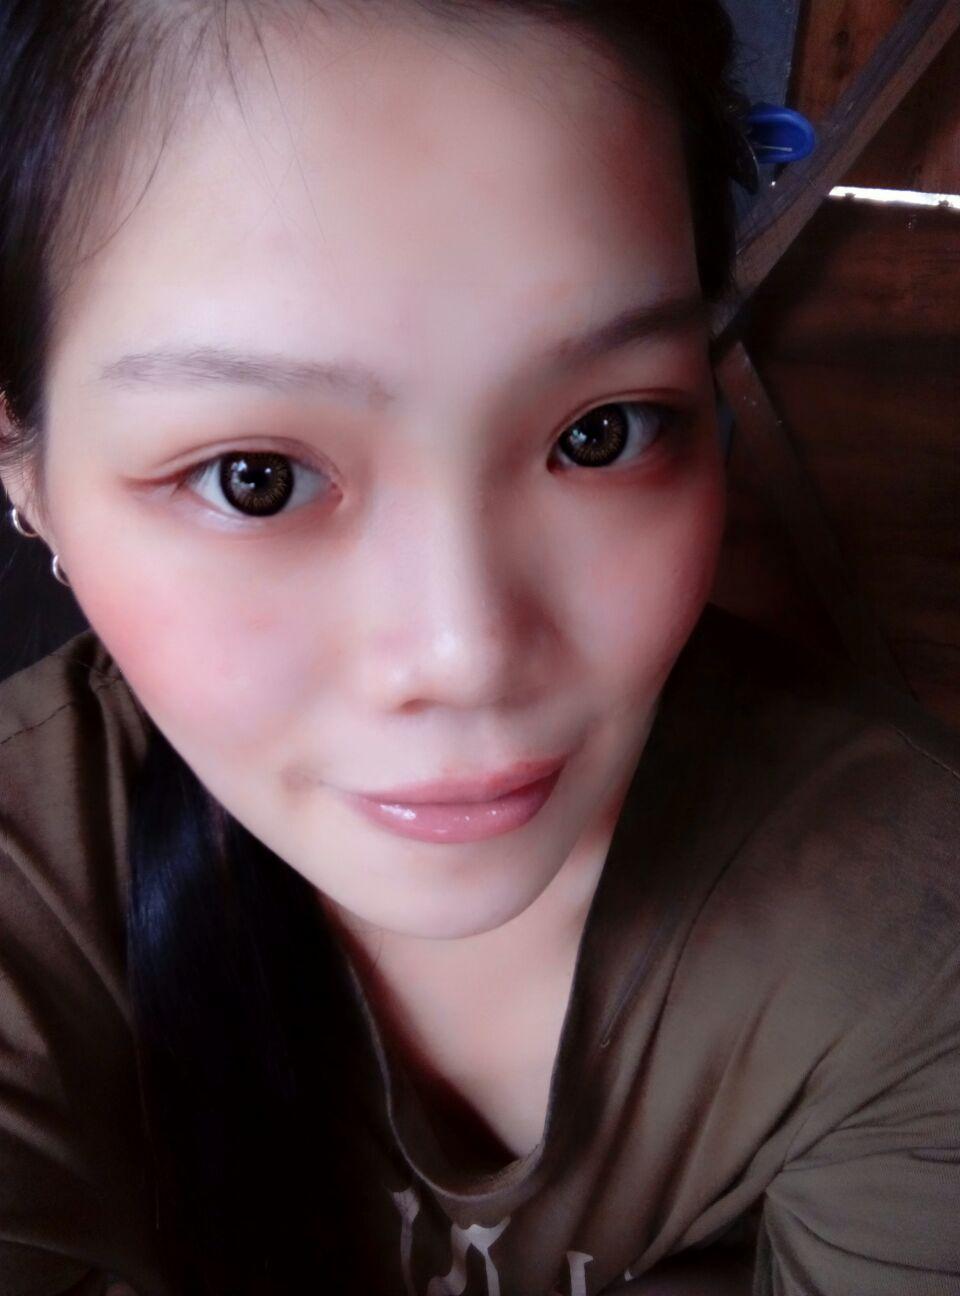 埋线双眼皮手术后多久才能化妆?今天画了一个自然妆,应该没有什么影响吧。